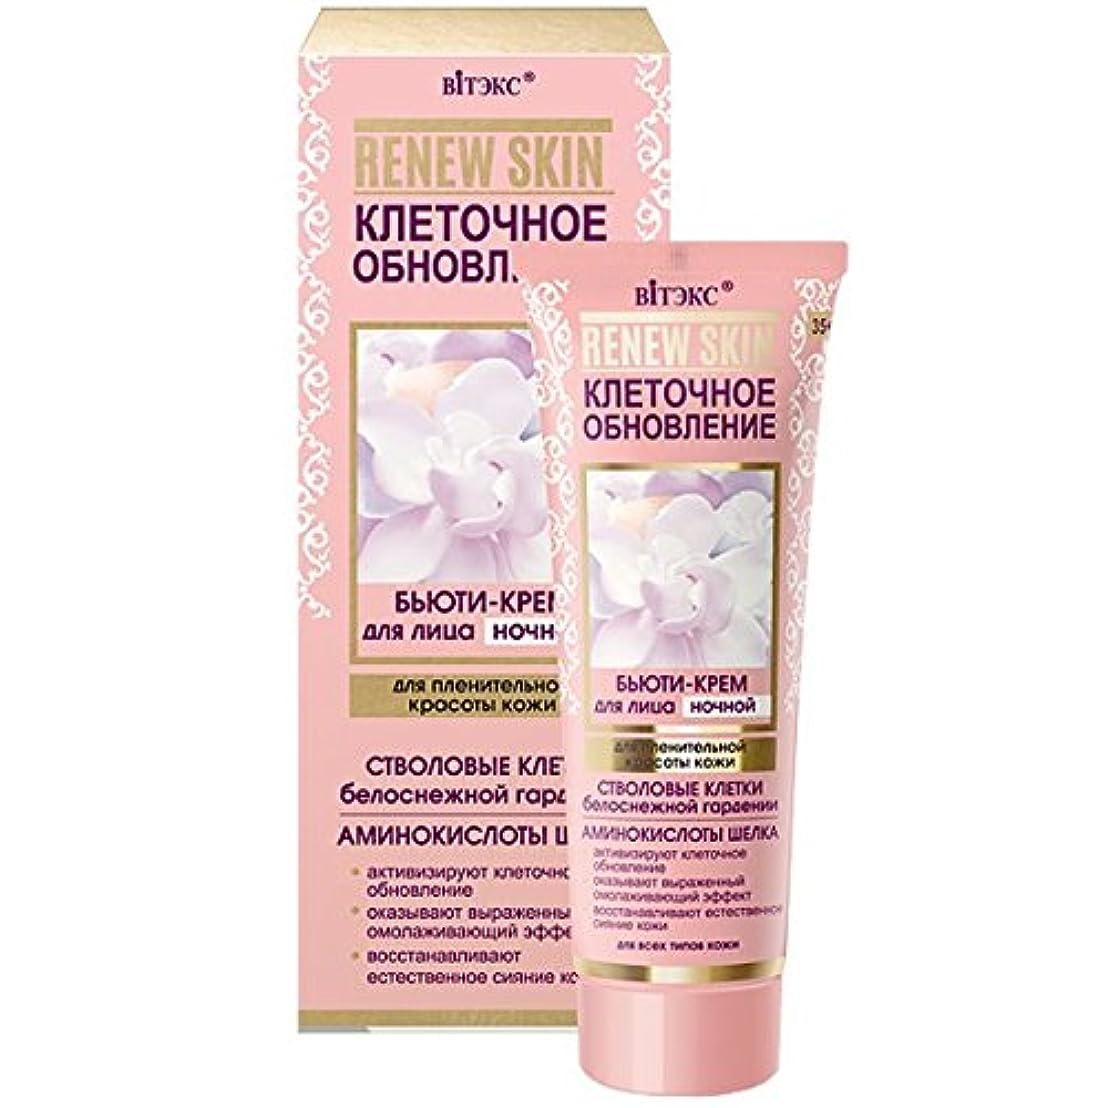 知覚的ホイットニーその結果Night Cream For Face With Stem Cells Whitening Moisturizing Skin Care Night Cream Face Cream Instantly